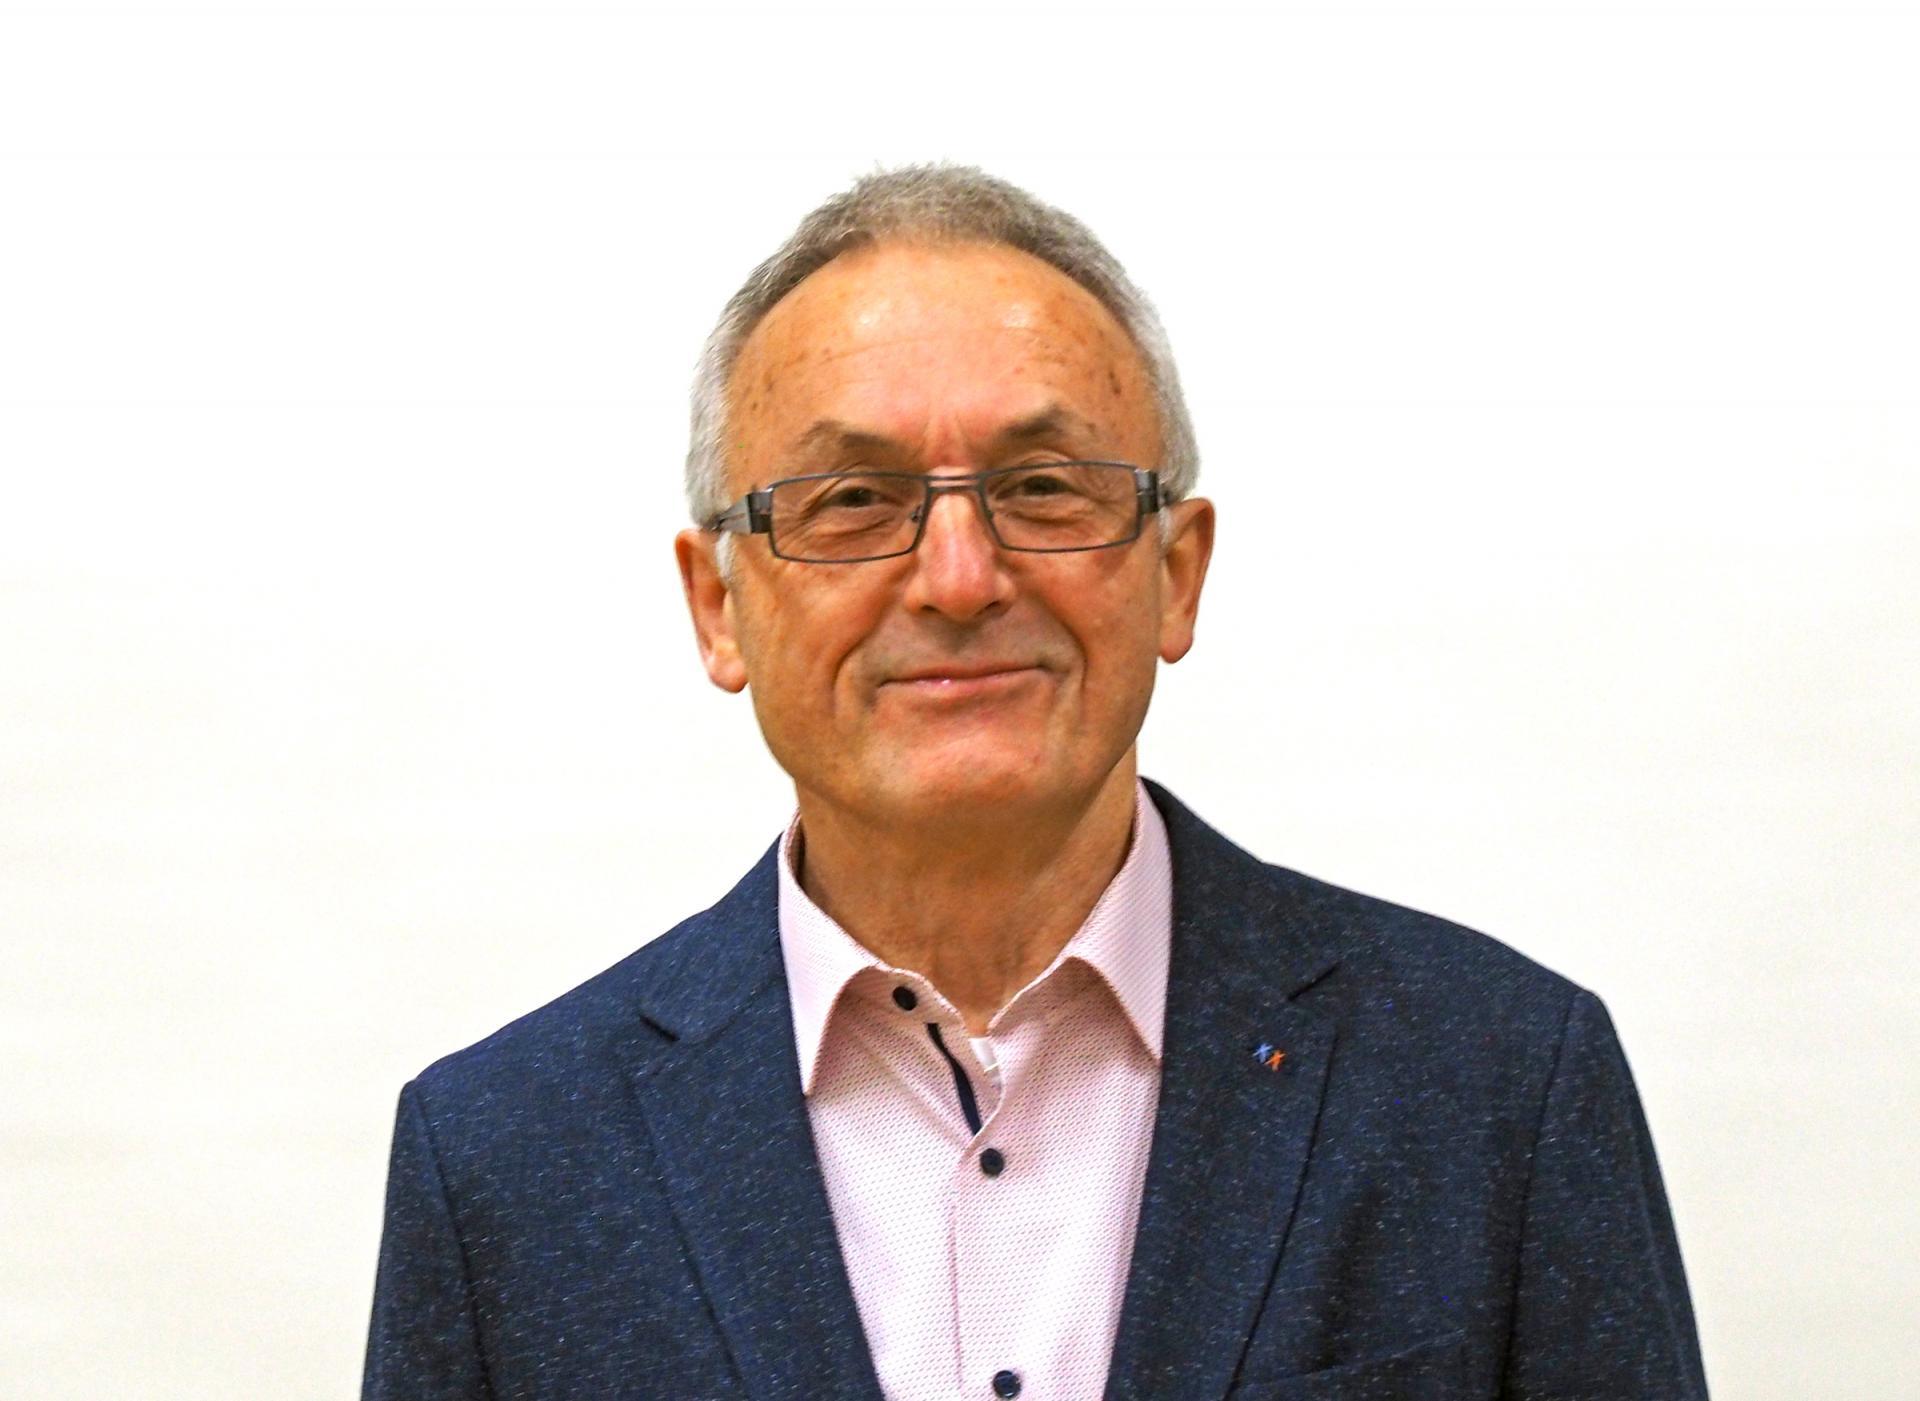 Michael Götz Seniorenbeauftragter Ebermannsdorf